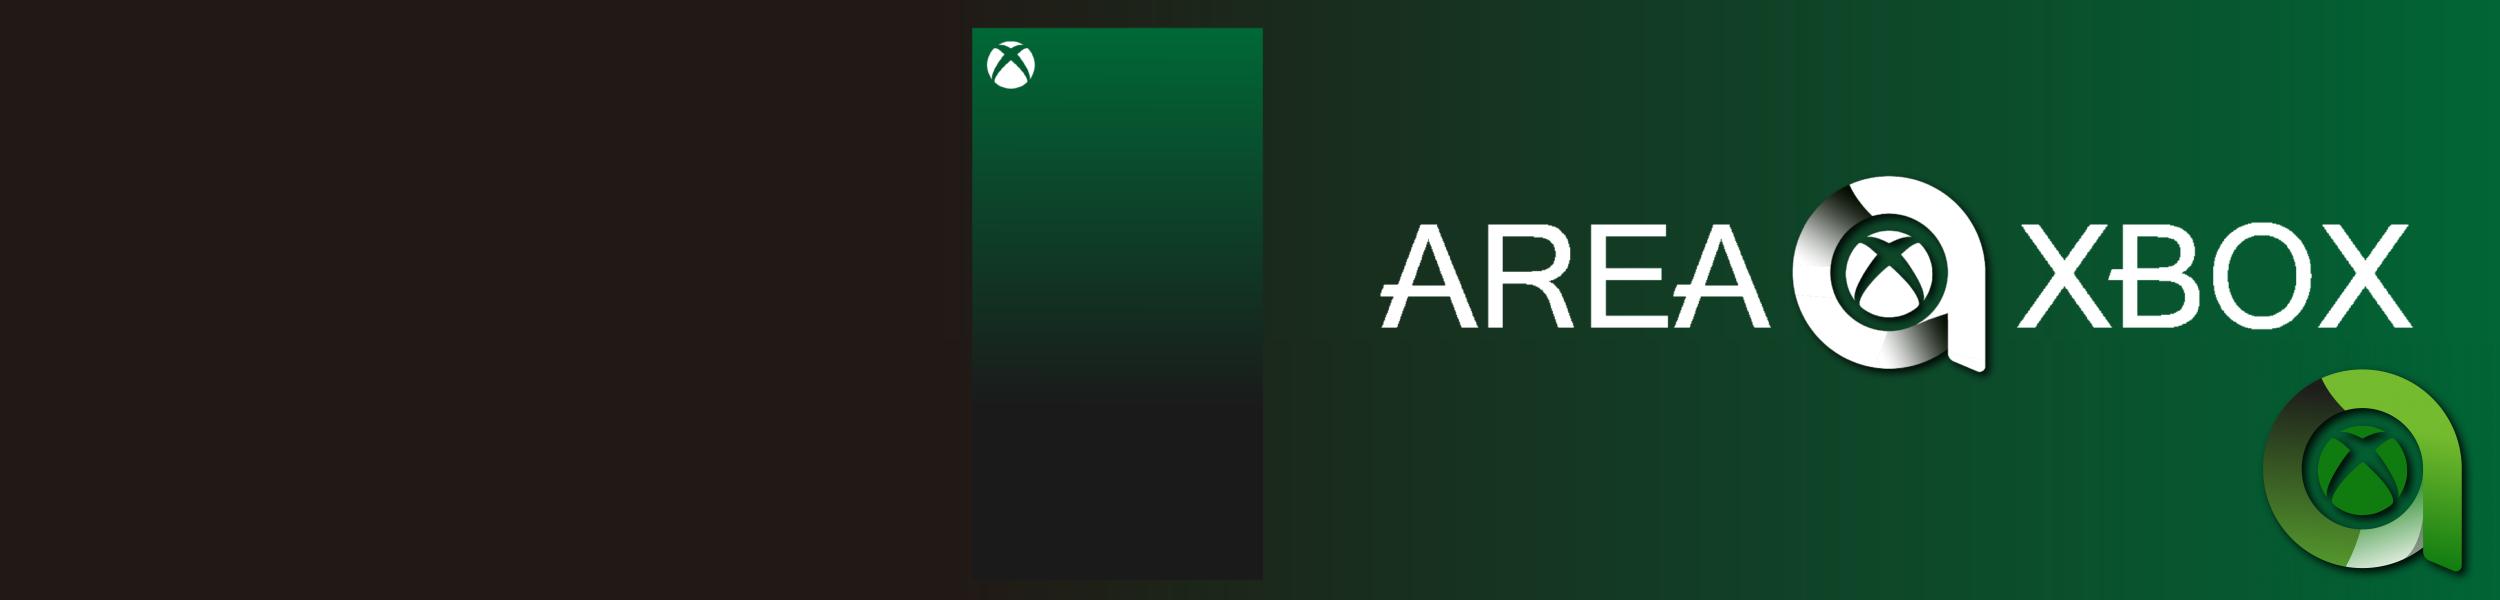 Area Xbox